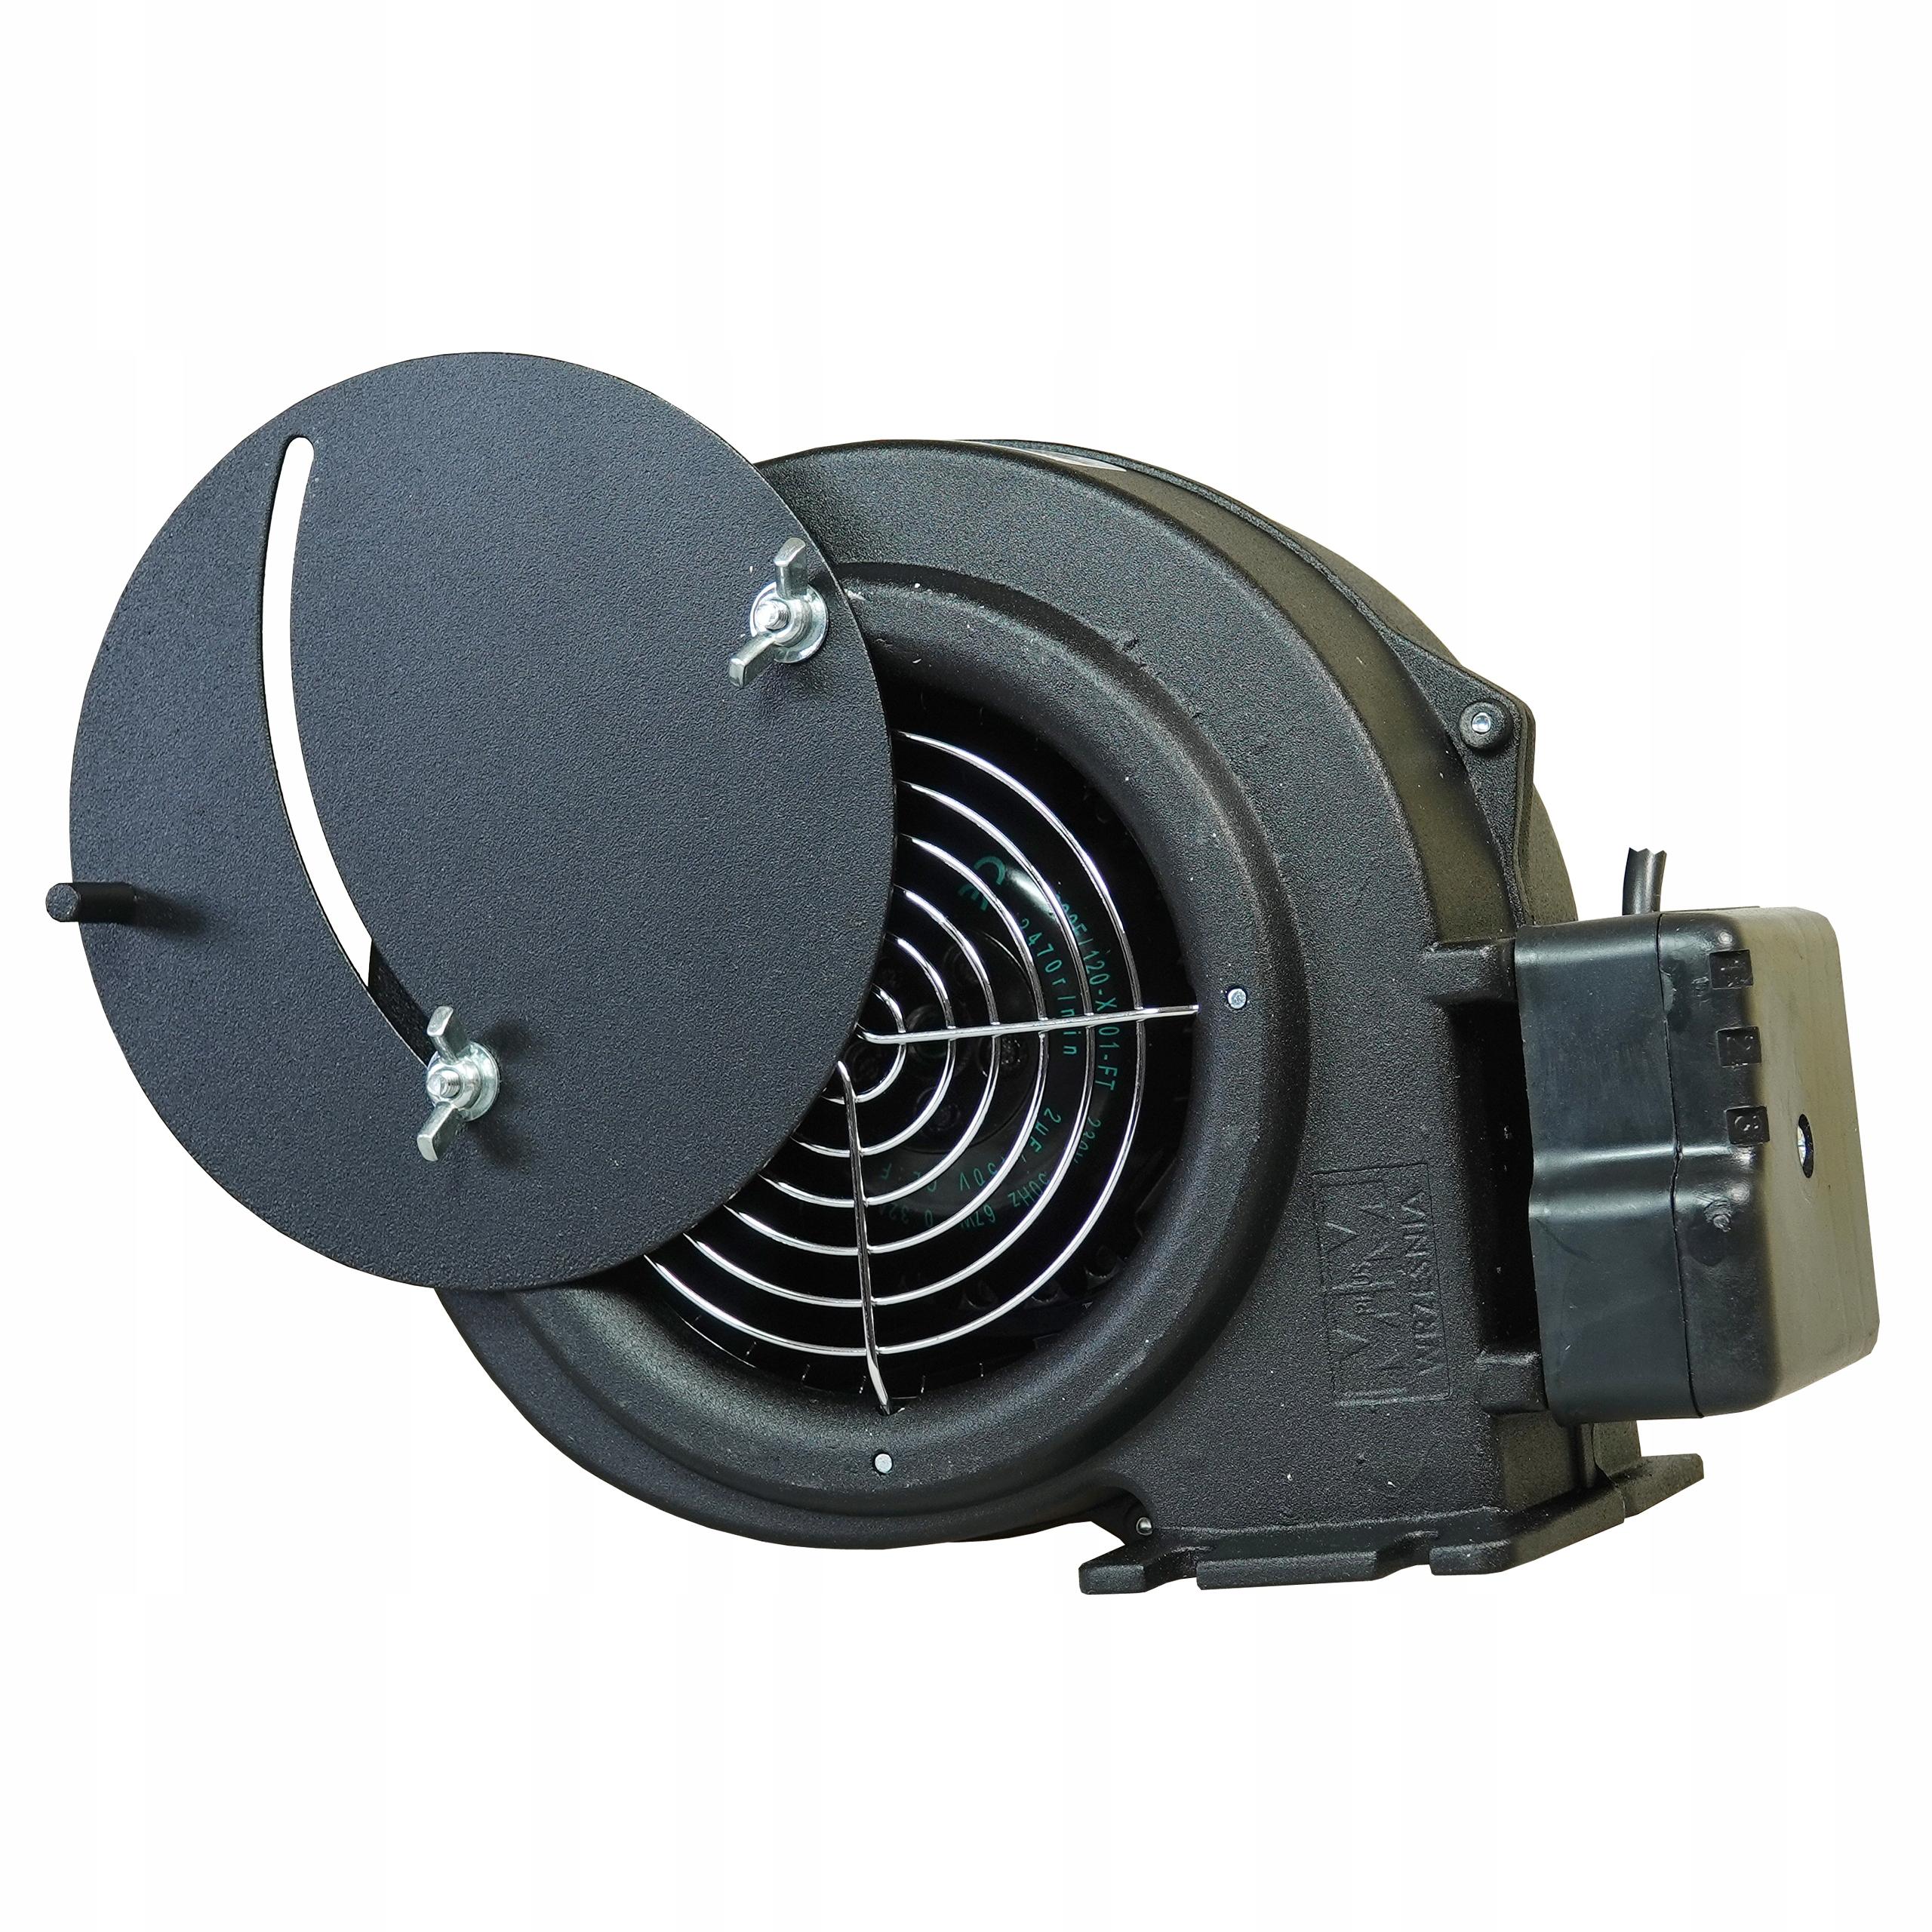 Ventilátor ventilátora pre pecný kotol WPA x6 / WBS 6a značky MPlusM